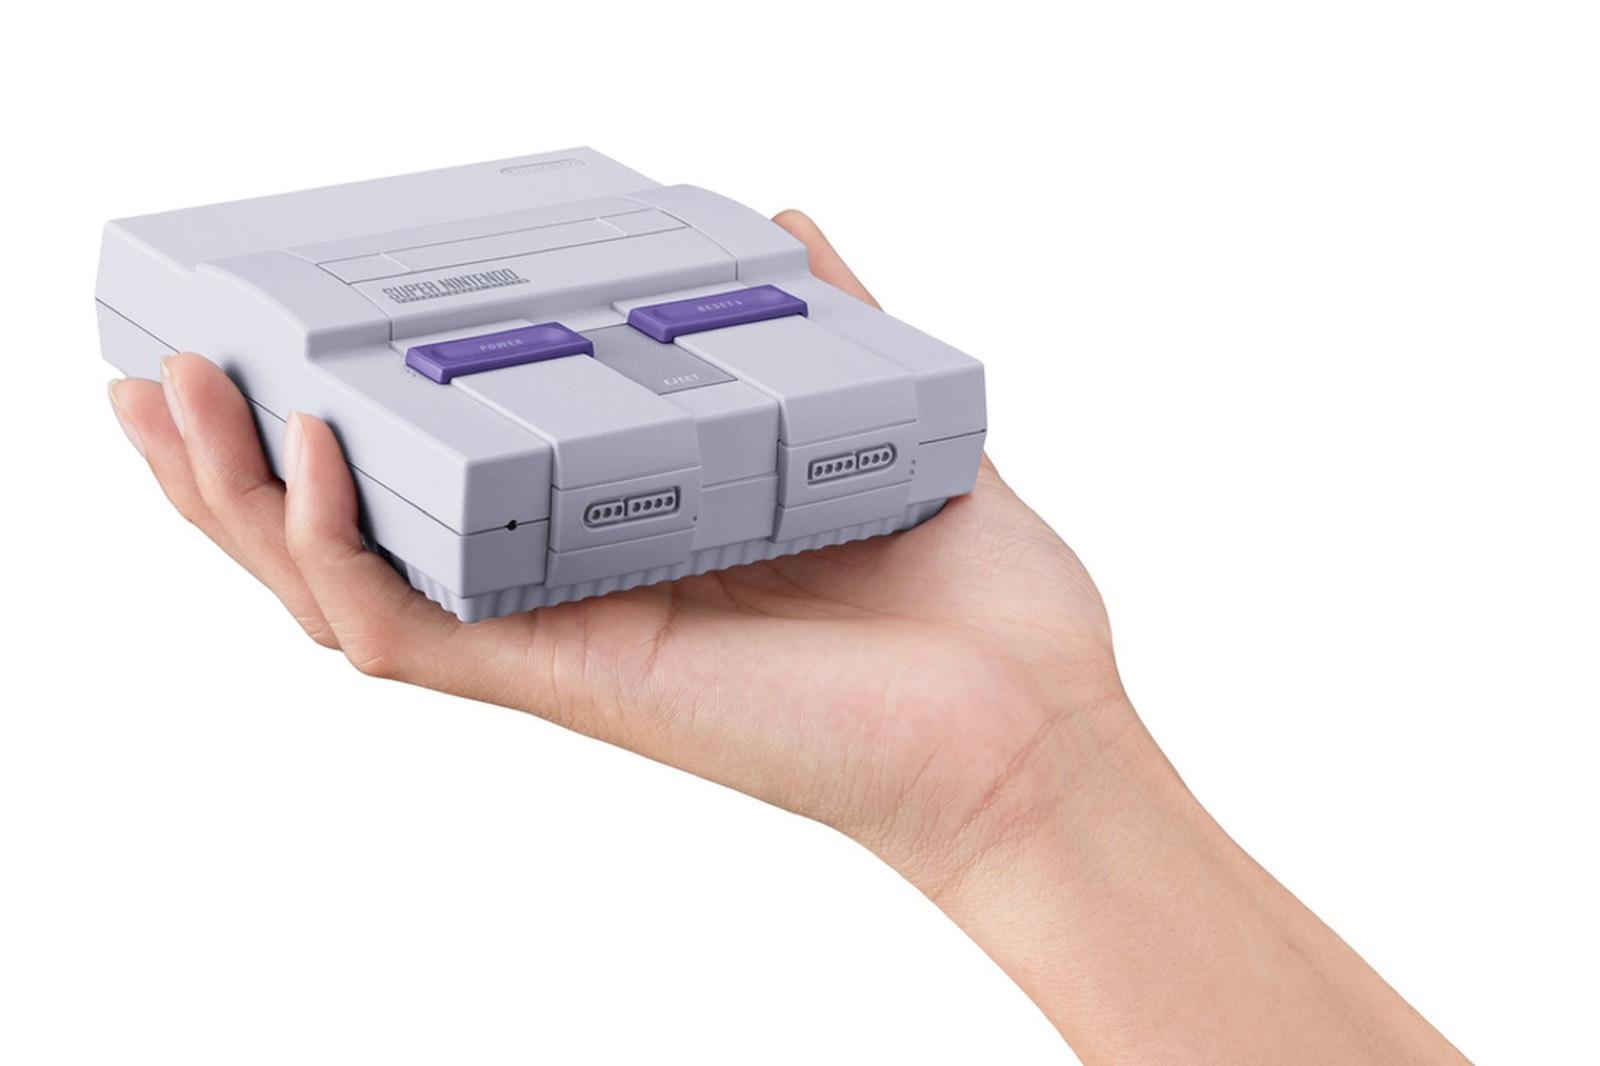 Nintendo Bringing Back Retro Games with Mini SNES Classic